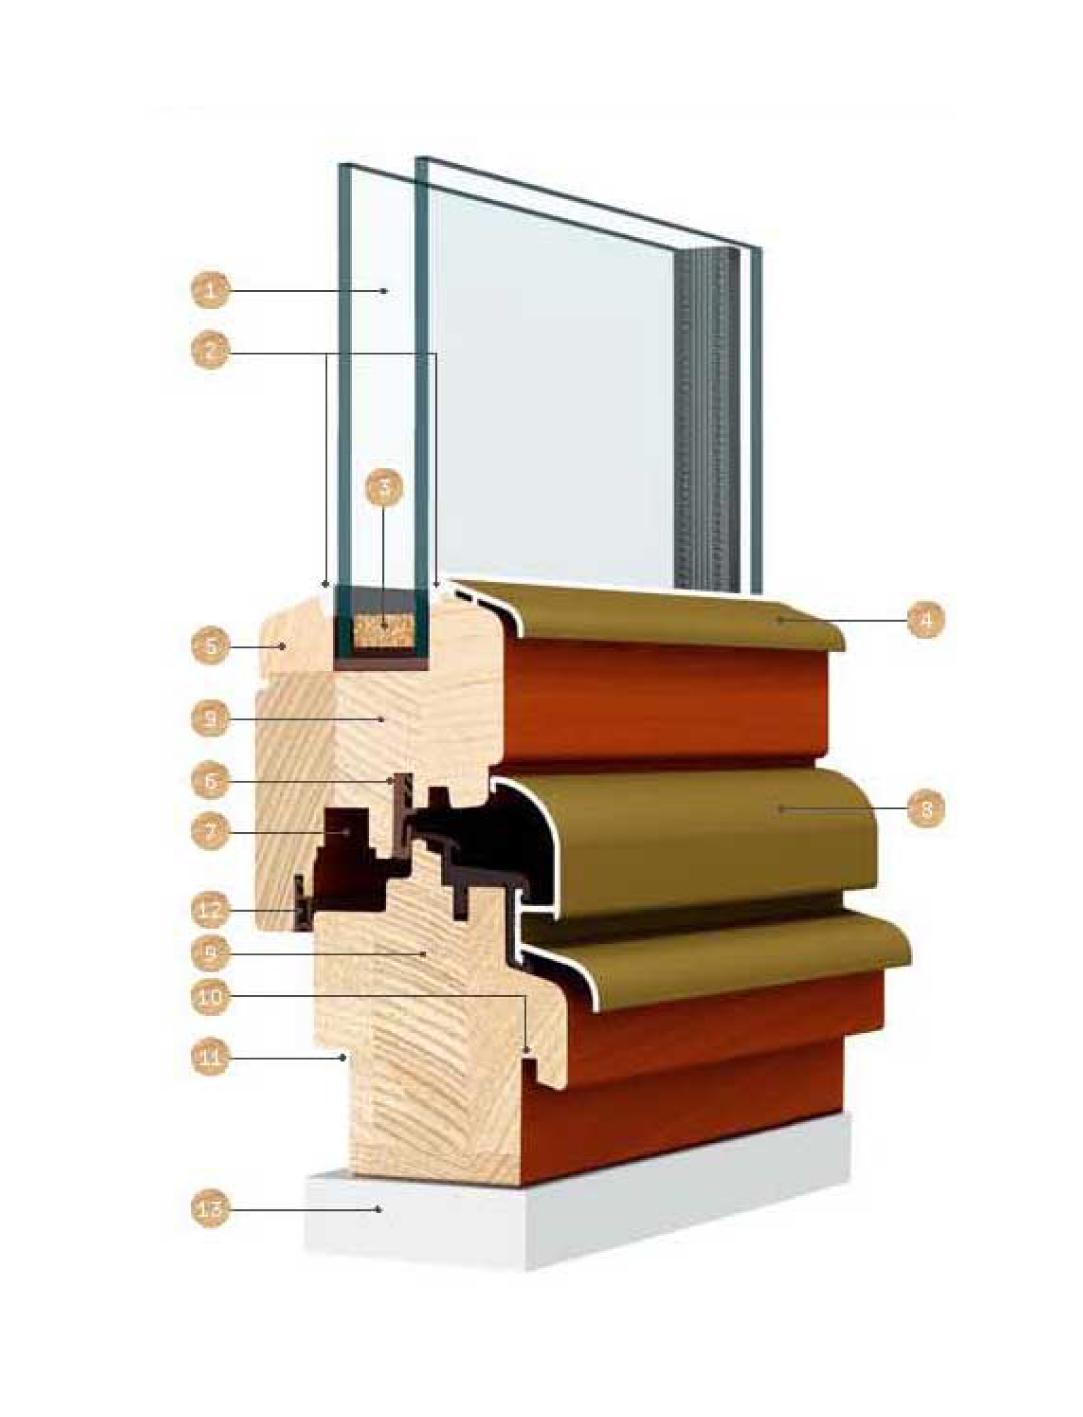 Jednotlivé části dřevěných oken